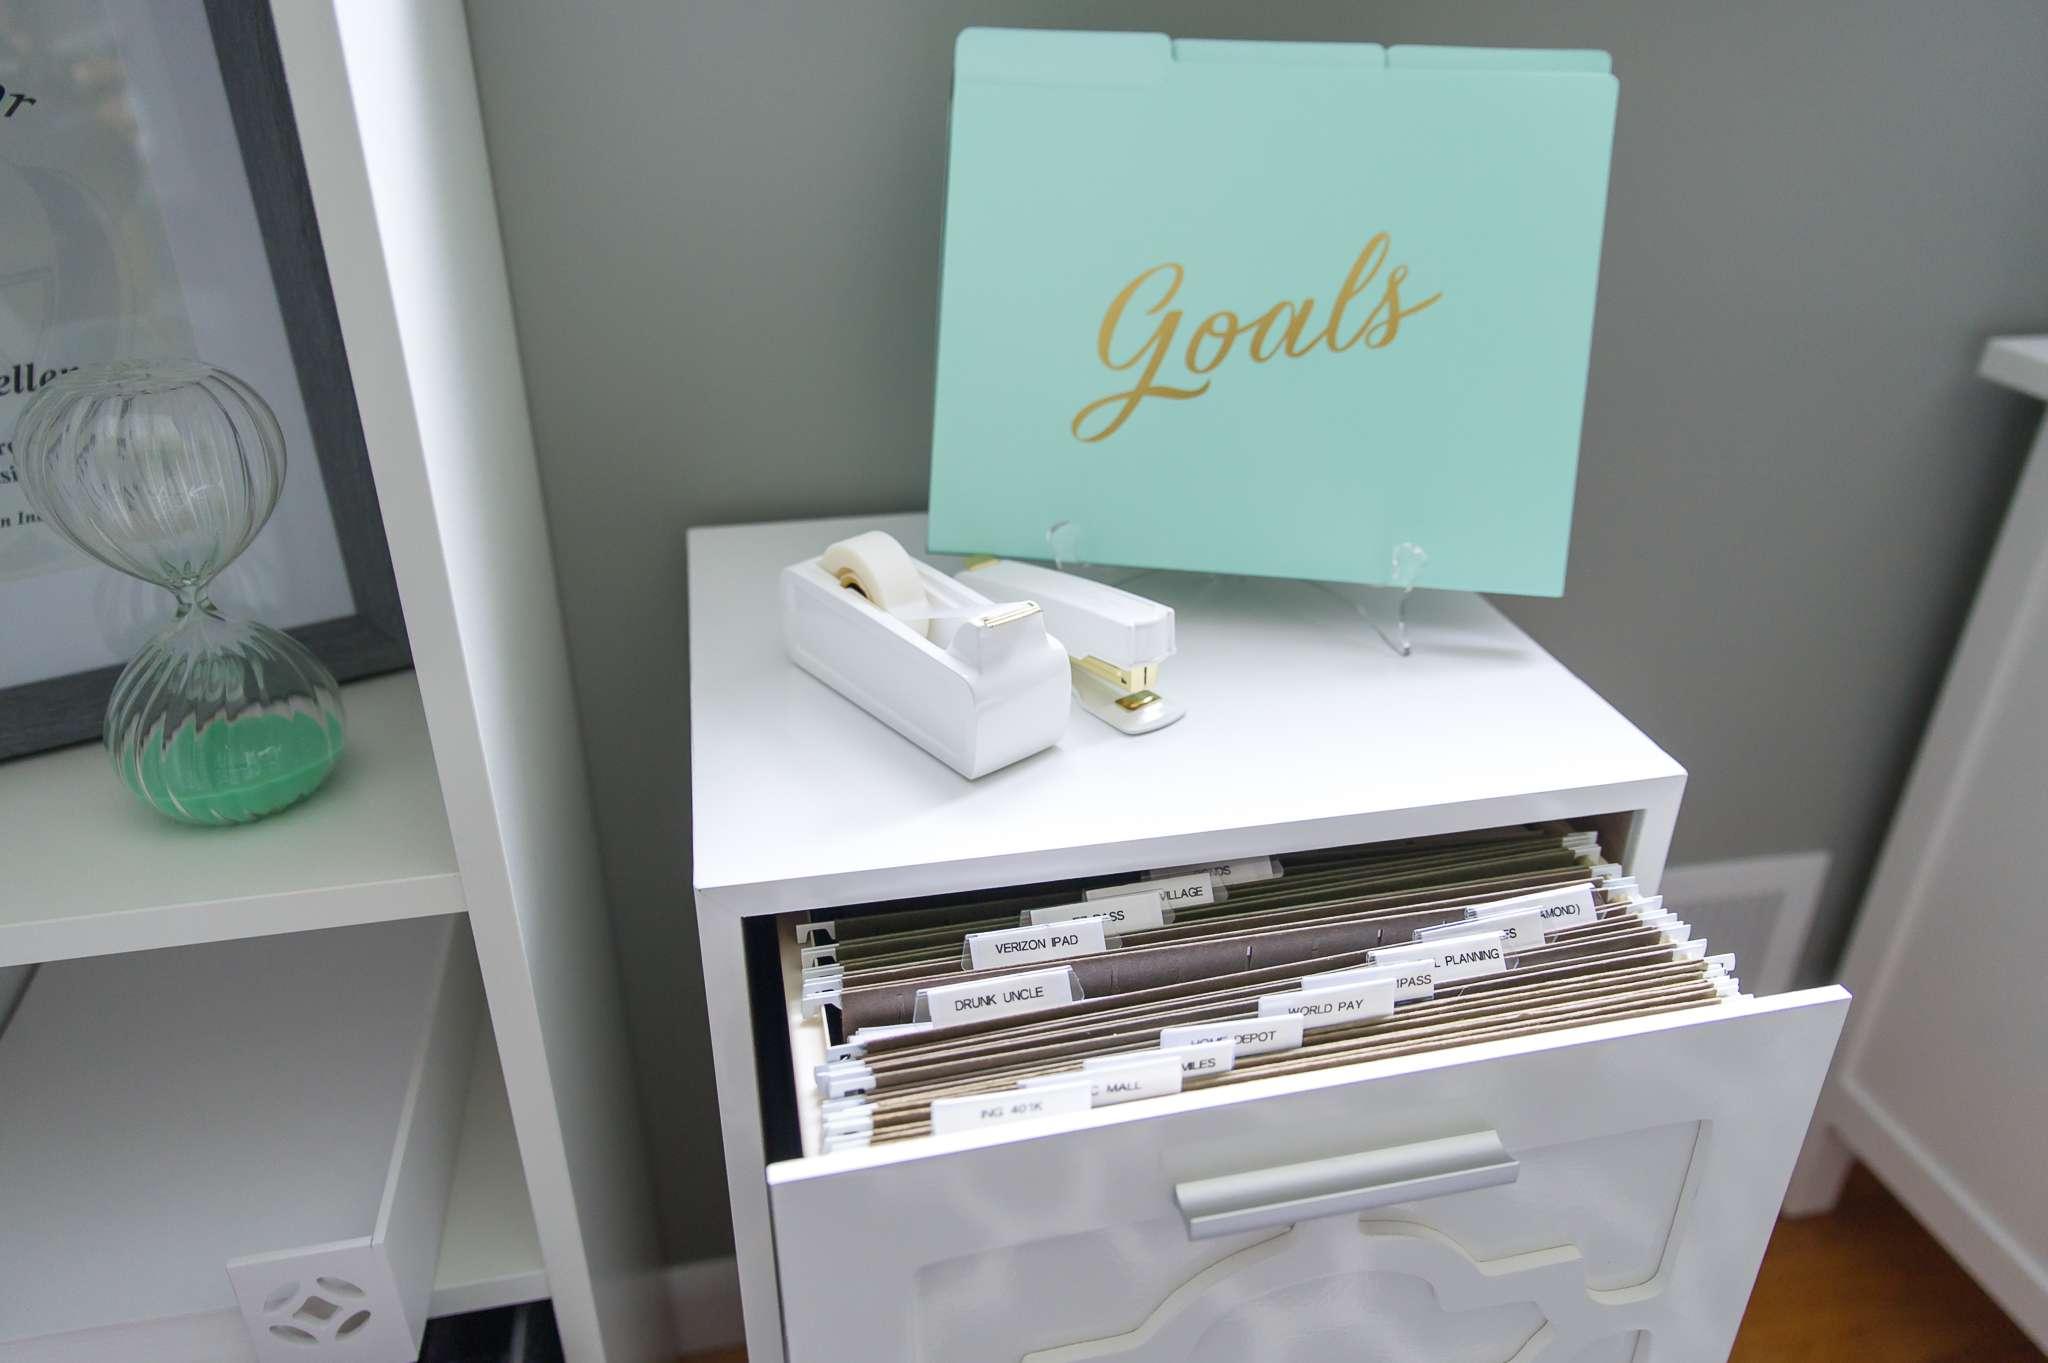 Papeles organizados en un sistema de archivo